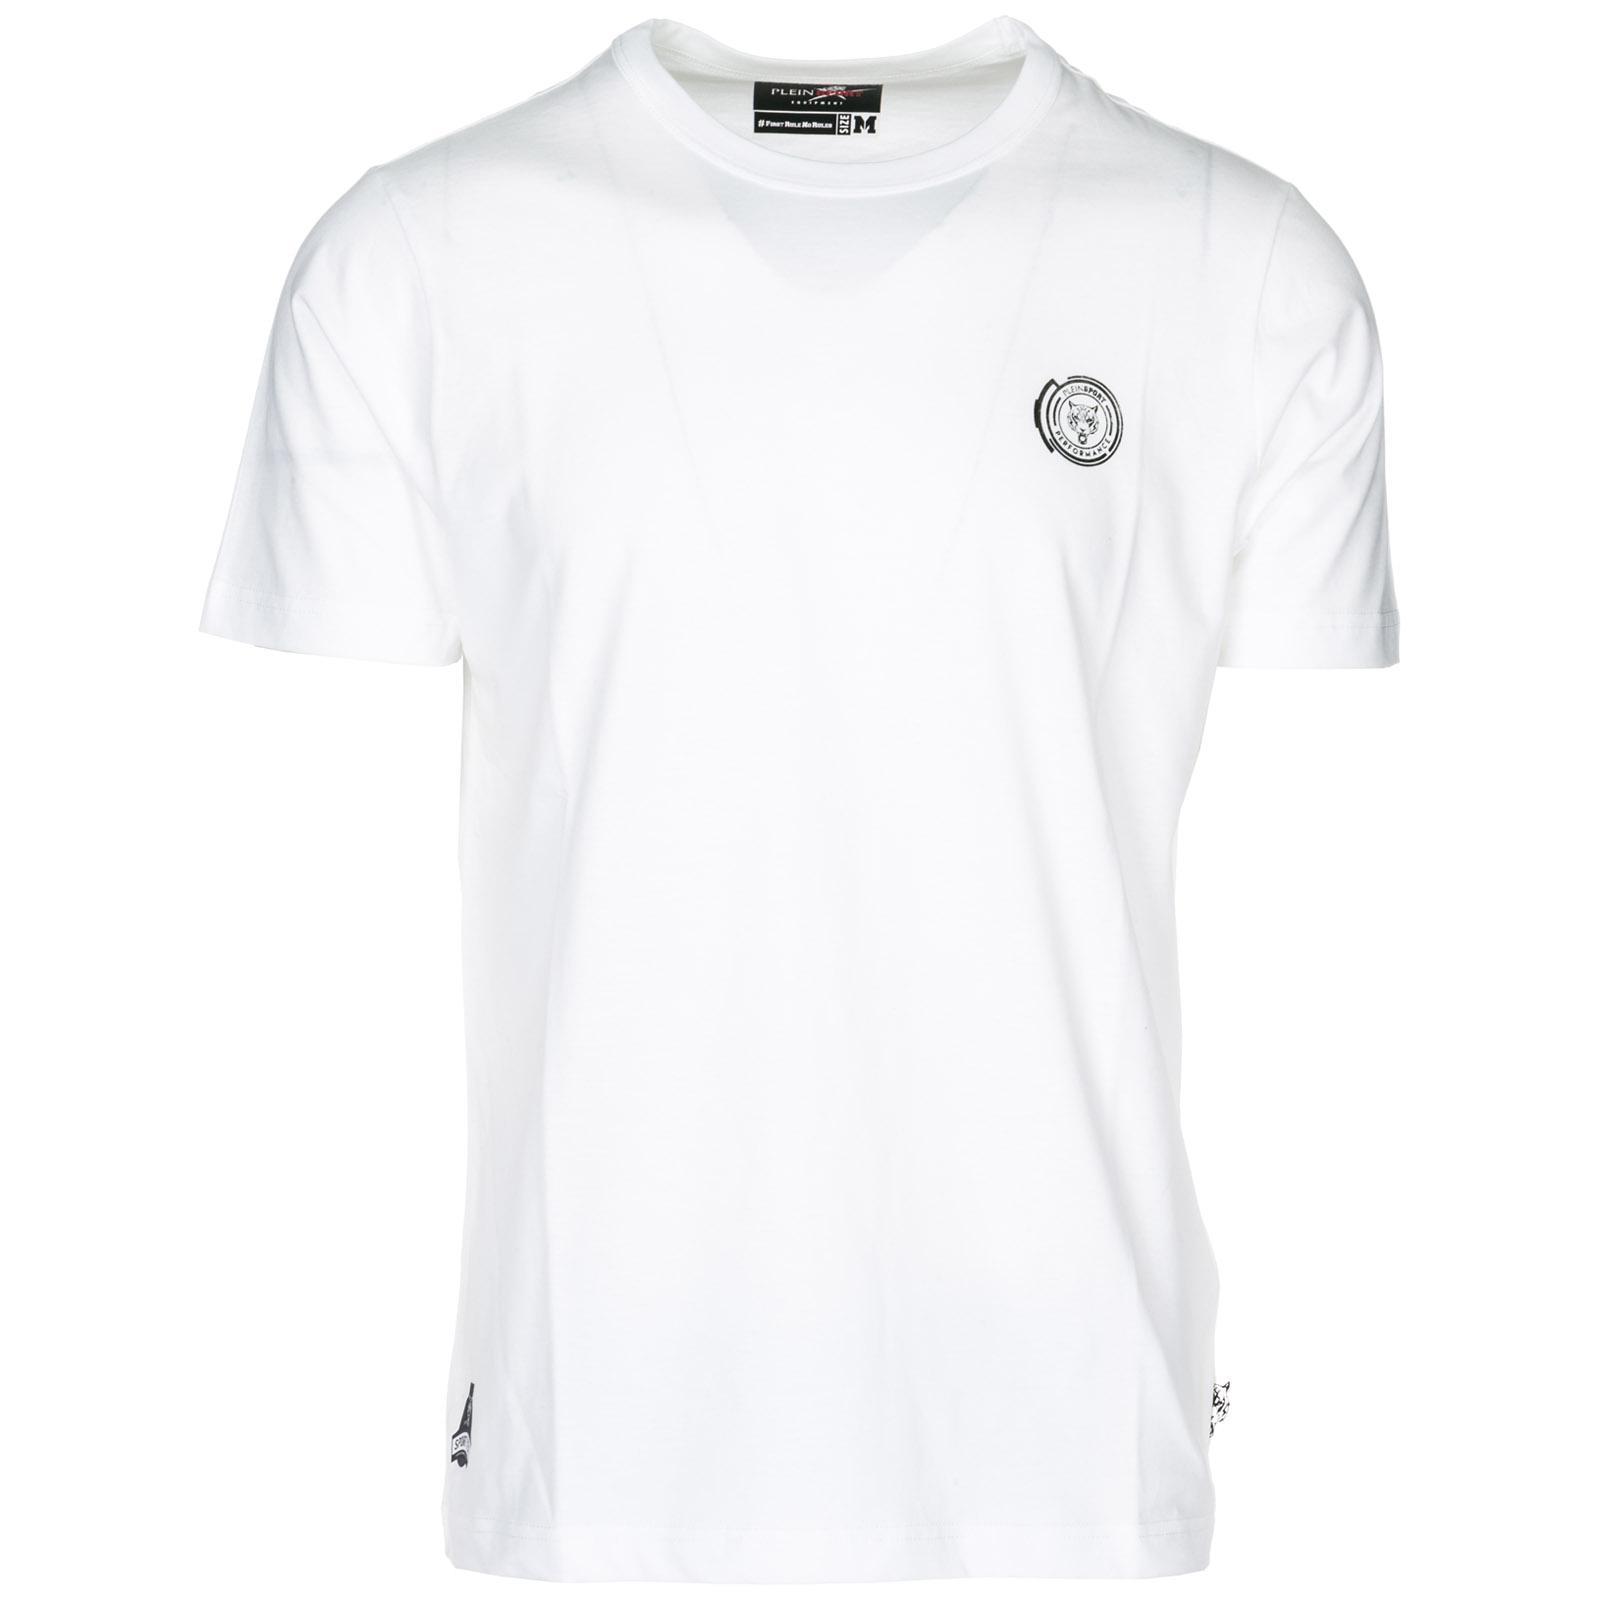 1ec3f51bf66 Philipp Plein Short Sleeve T-shirt Crew Neckline Jumper Ss Statement ...